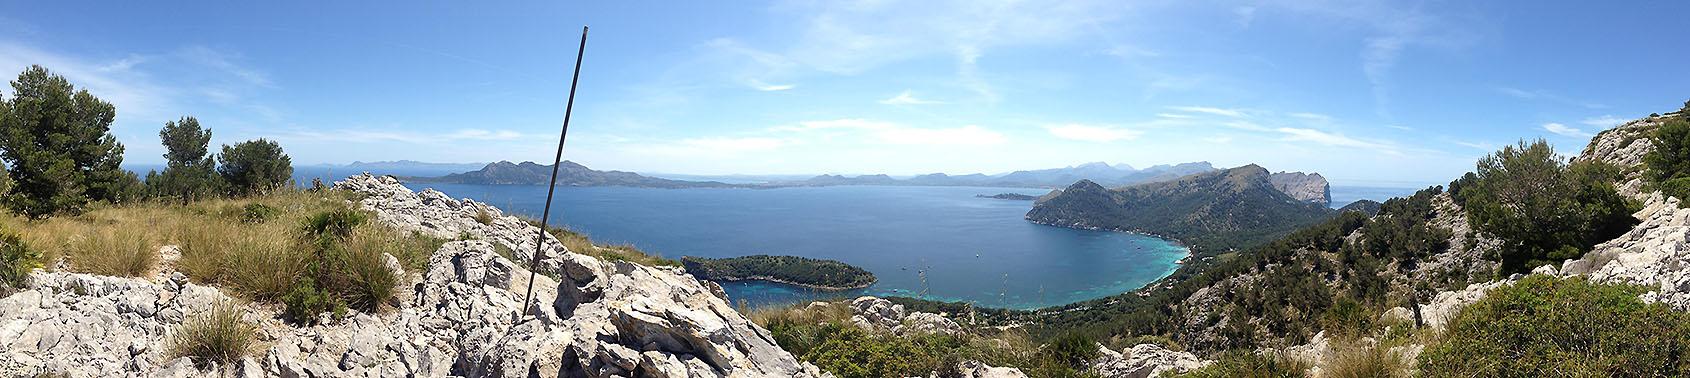 IRONMAN 70.3 Mallorca 2015 – Wanderung Im Norden Der Insel